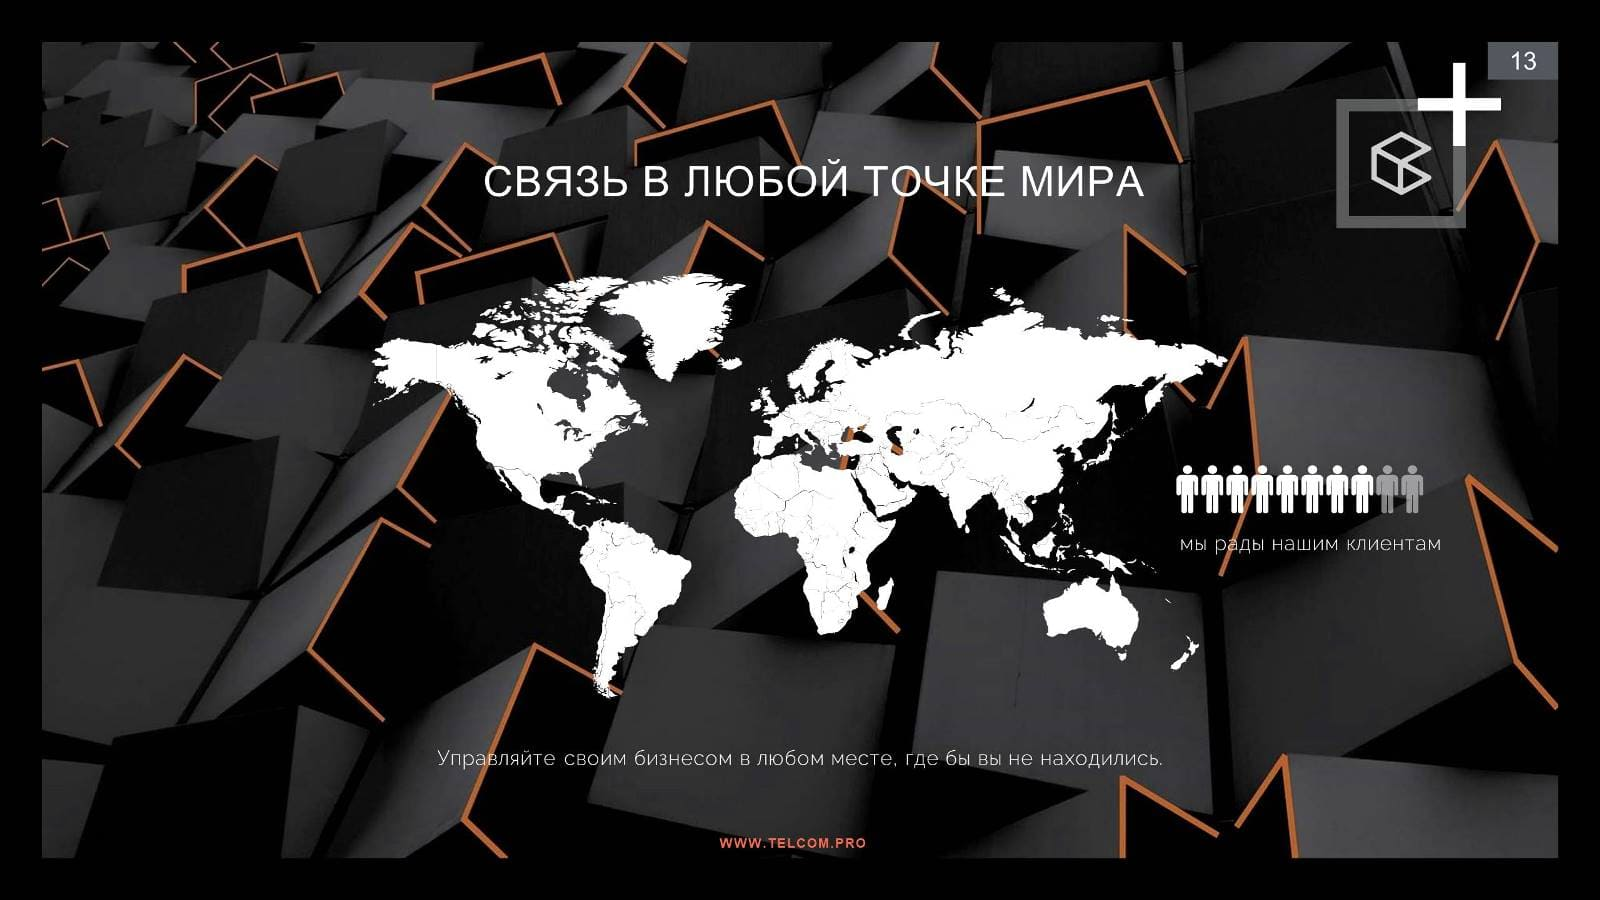 Облачная АТС Telcom Pro